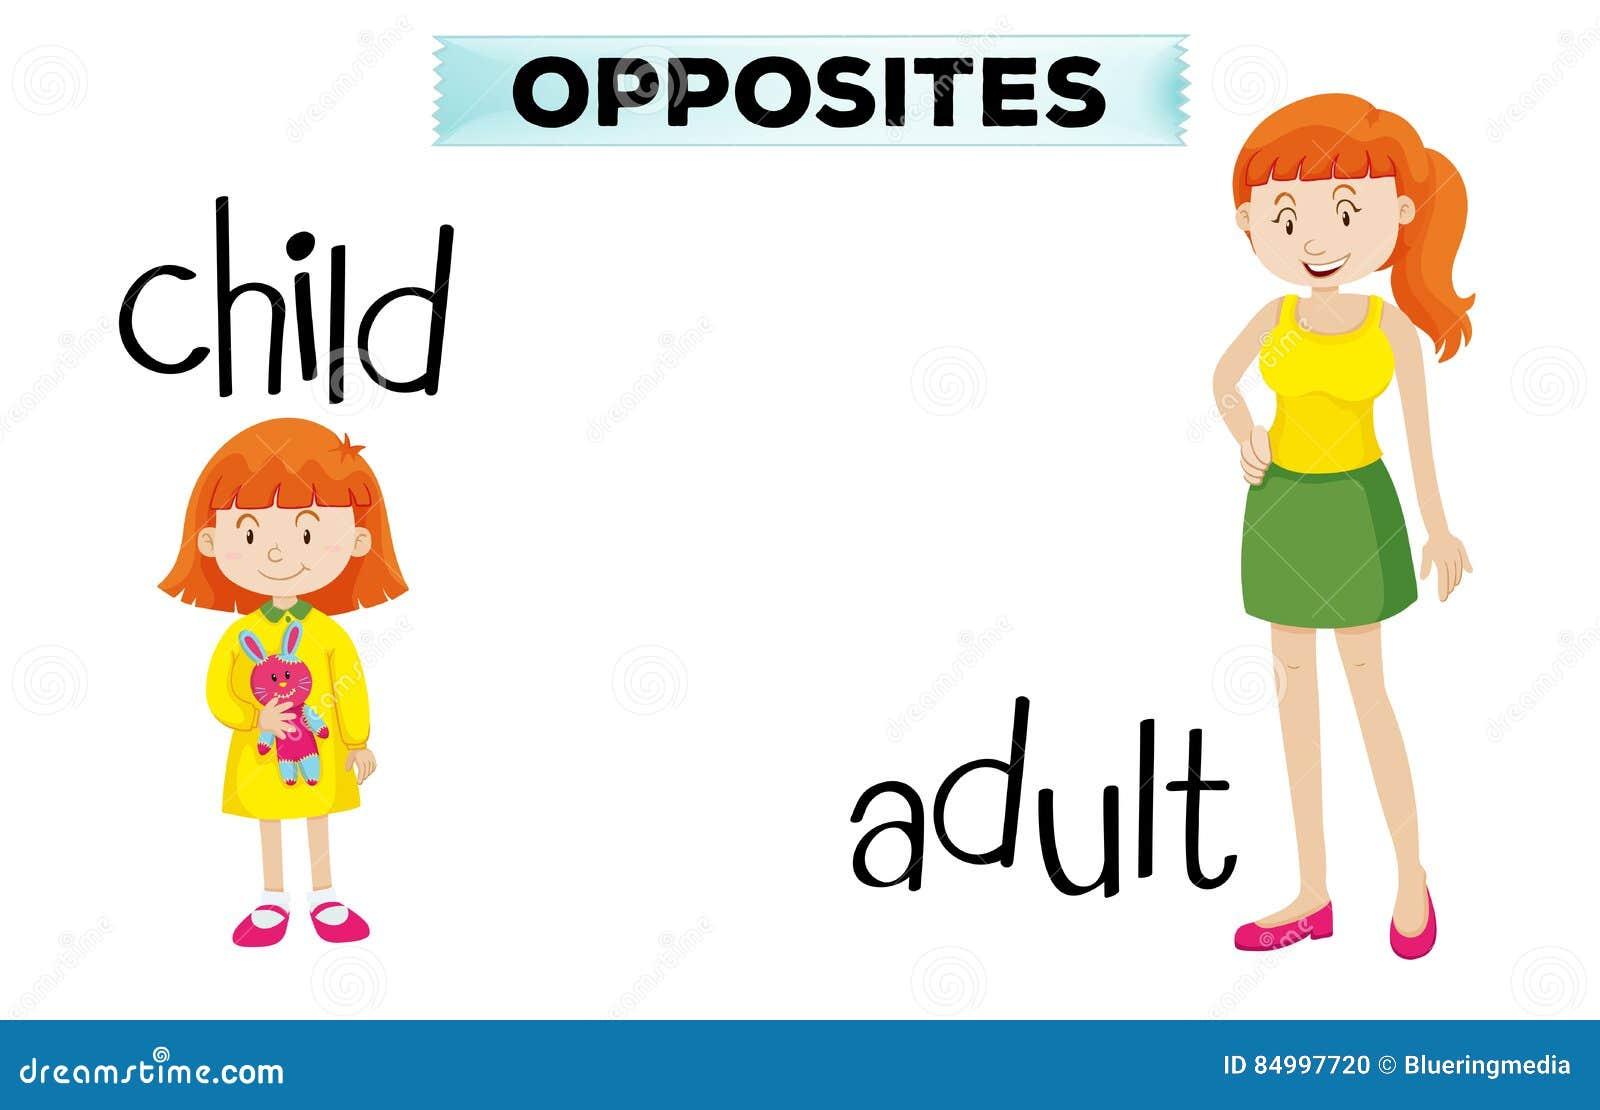 Adult Illustration 72